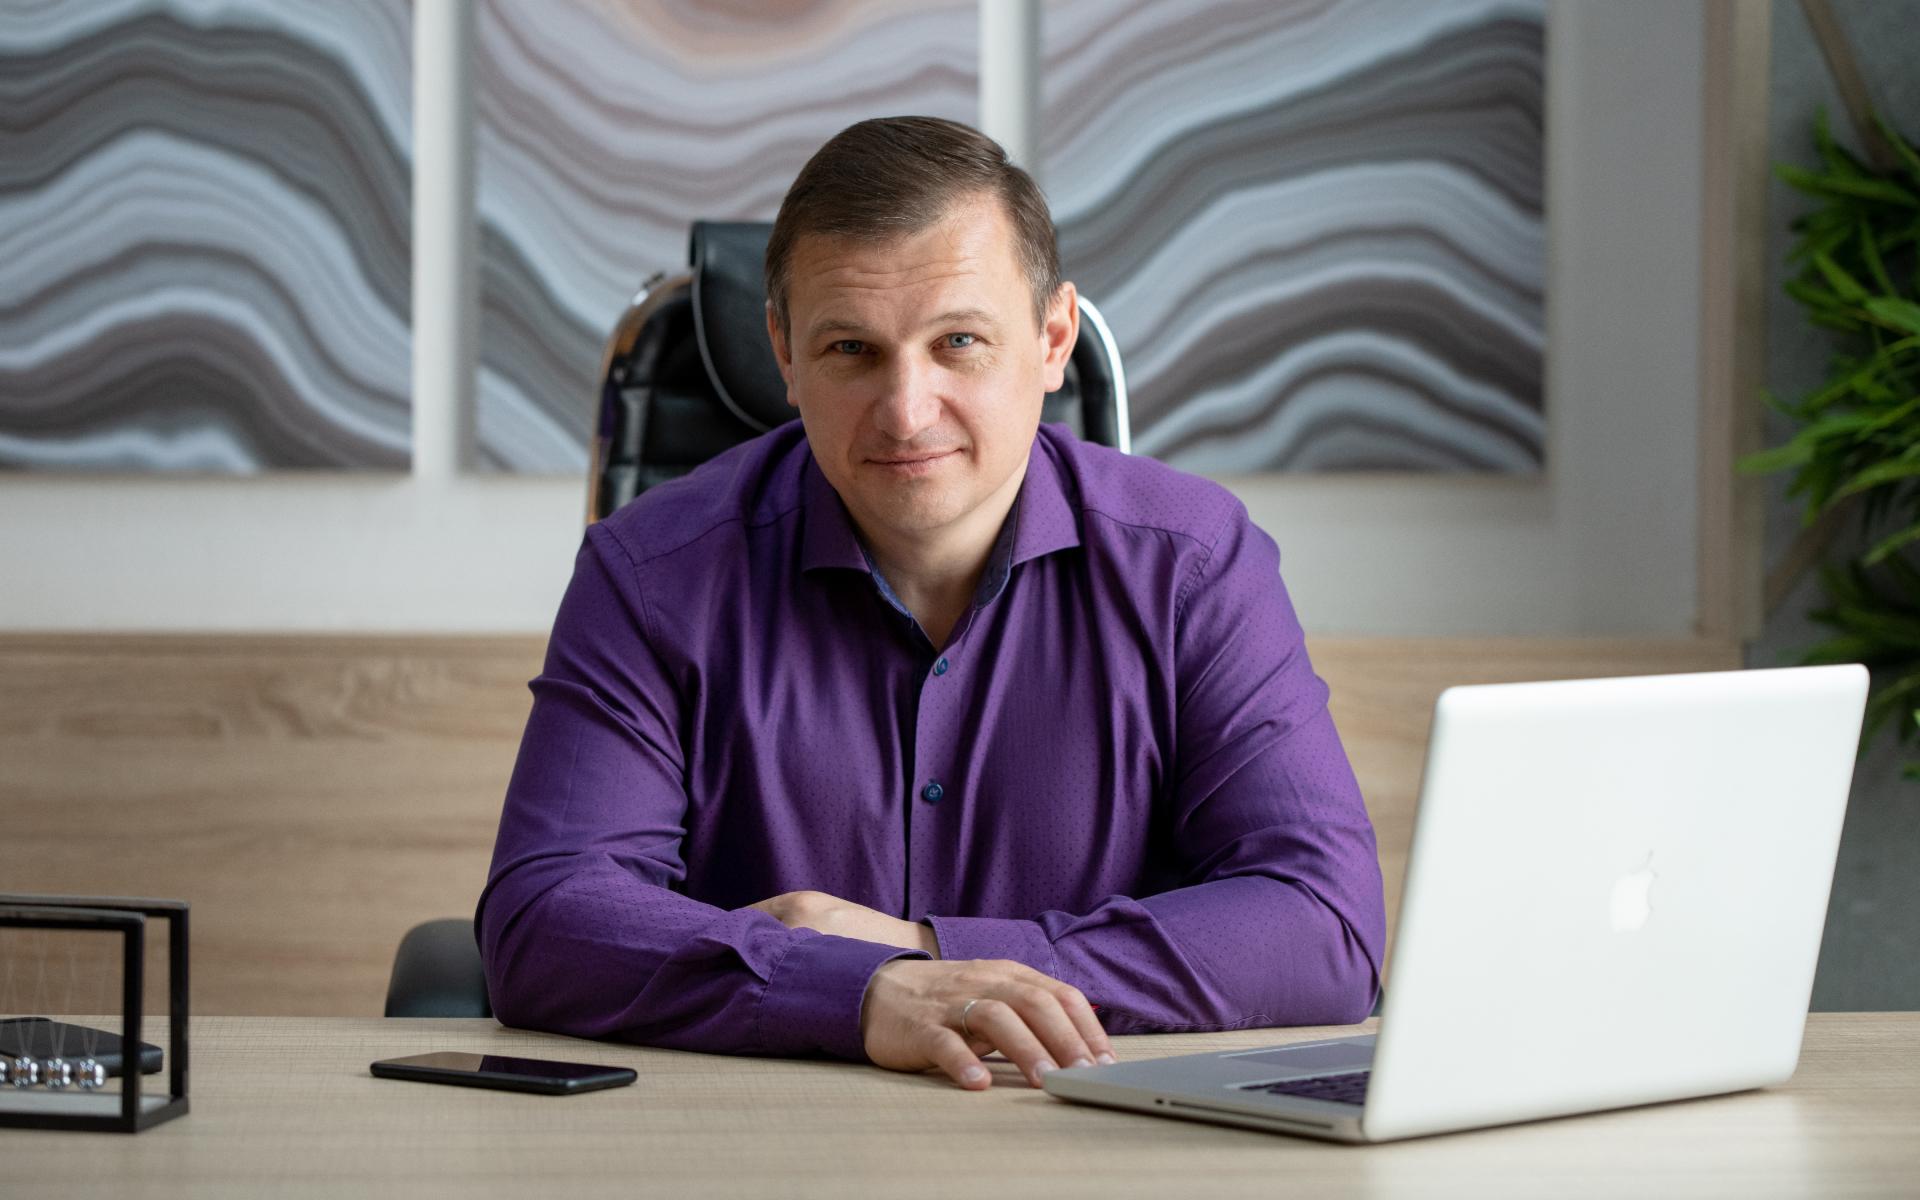 Владислав Копица, генеральный директор и основатель выставки Open Village